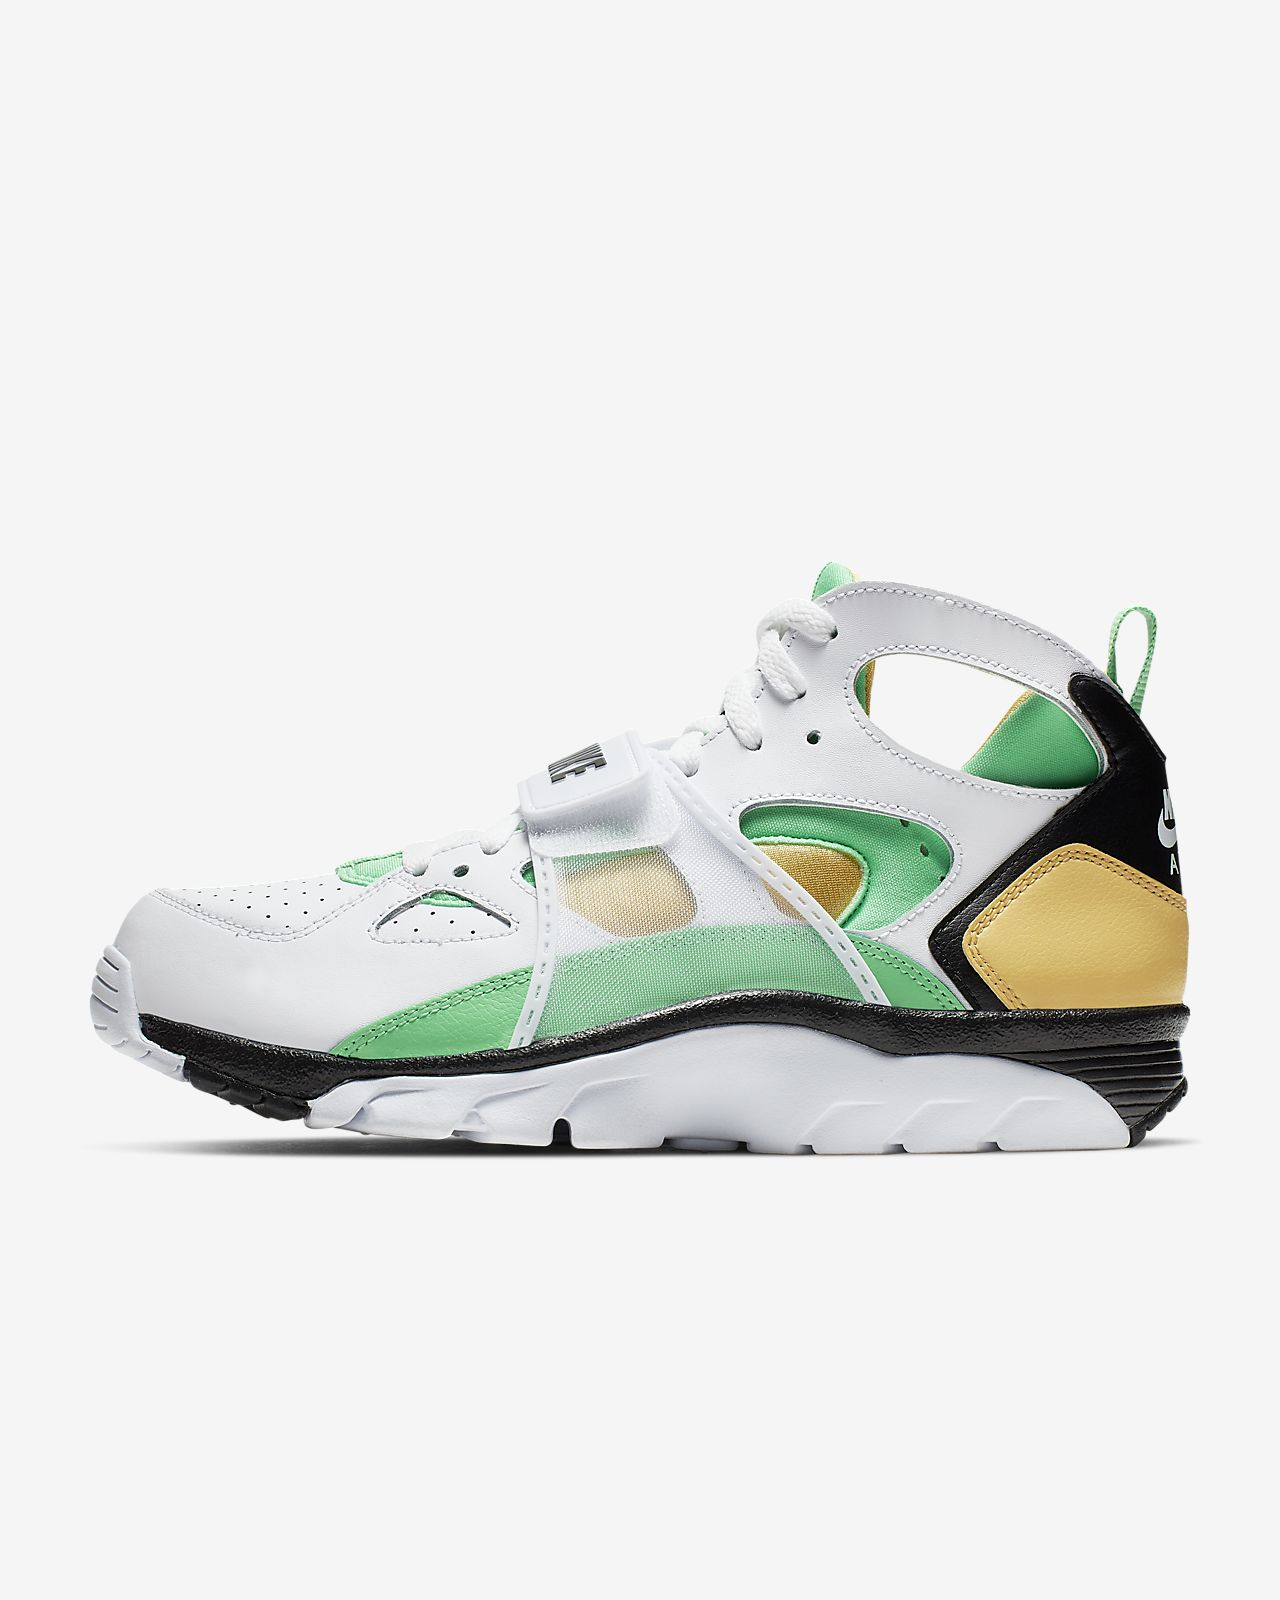 Nike Air Trainer Huarache男子运动鞋